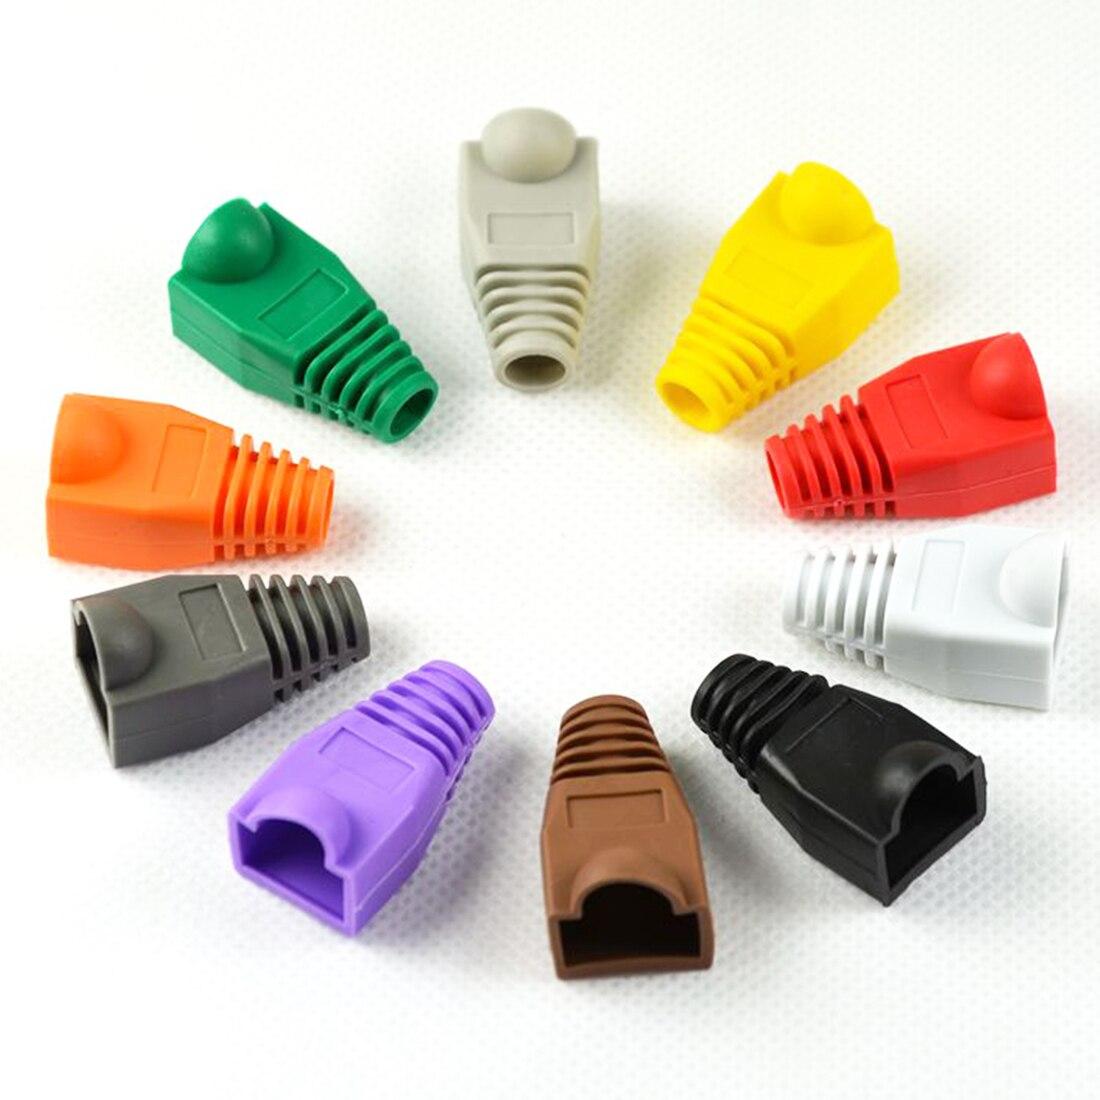 marsnaska-20-pc-tampa-do-adaptador-para-06mm-ethernet-rj-45-cabo-de-rede-plugs-conector-rj45-cat5-cat6-botas-de-cobertura-da-tampa-do-soquete-tampa-cabeca